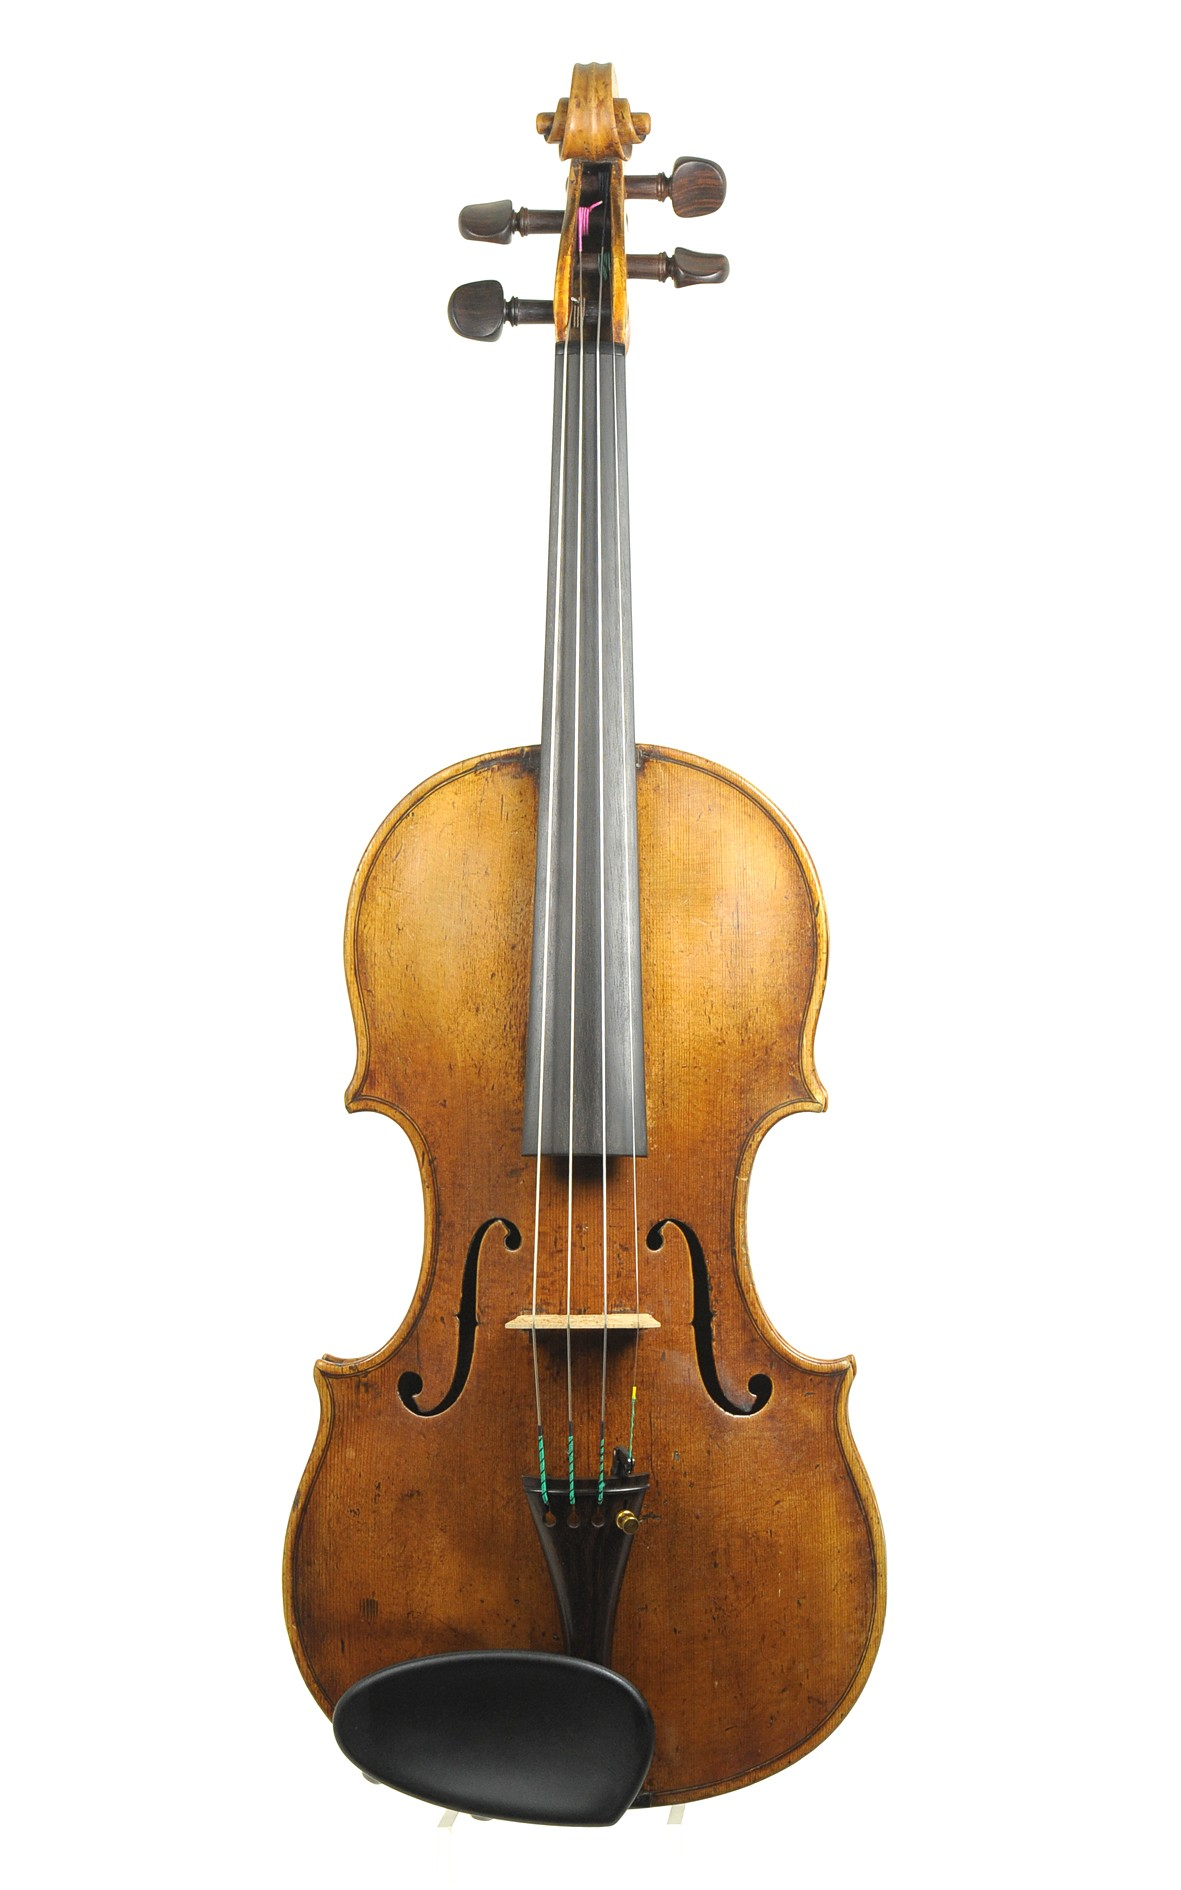 Georg Klotz circa 1790: Feine Violine aus der Yehudi Menuhin Collection